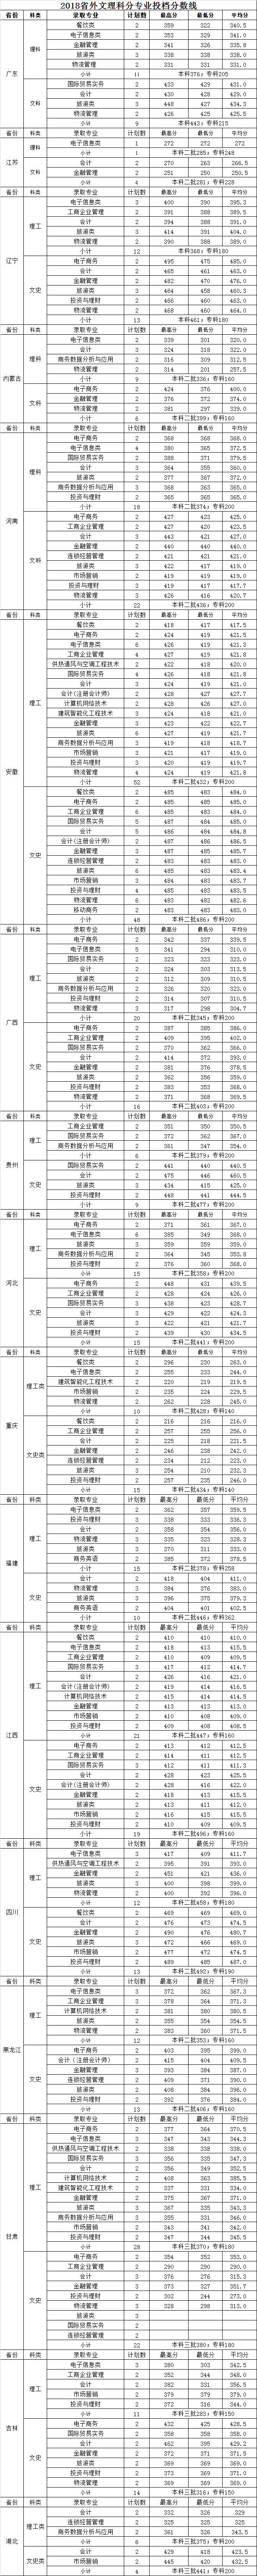 浙江商业职业技术学院2018录取分数线2